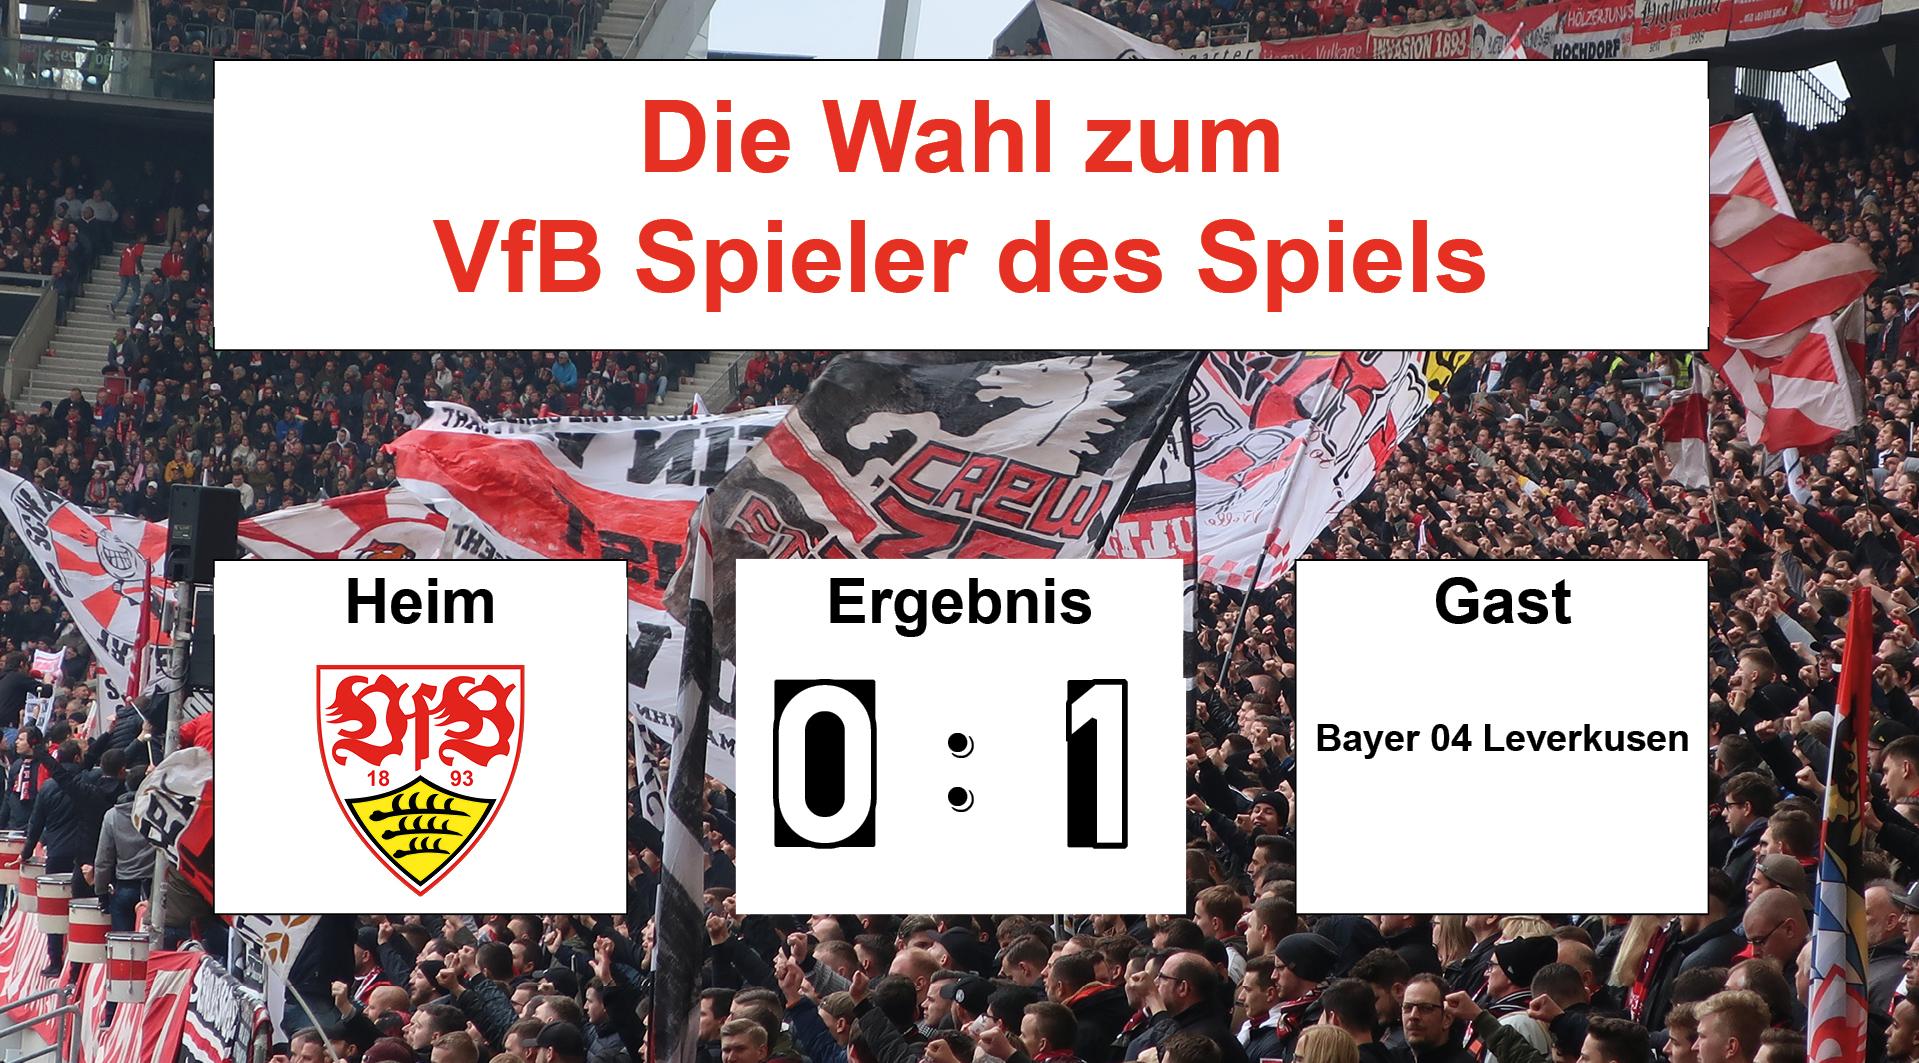 Wahl zum VfB Spieler des Spiels #VfBB04 13.04.2019